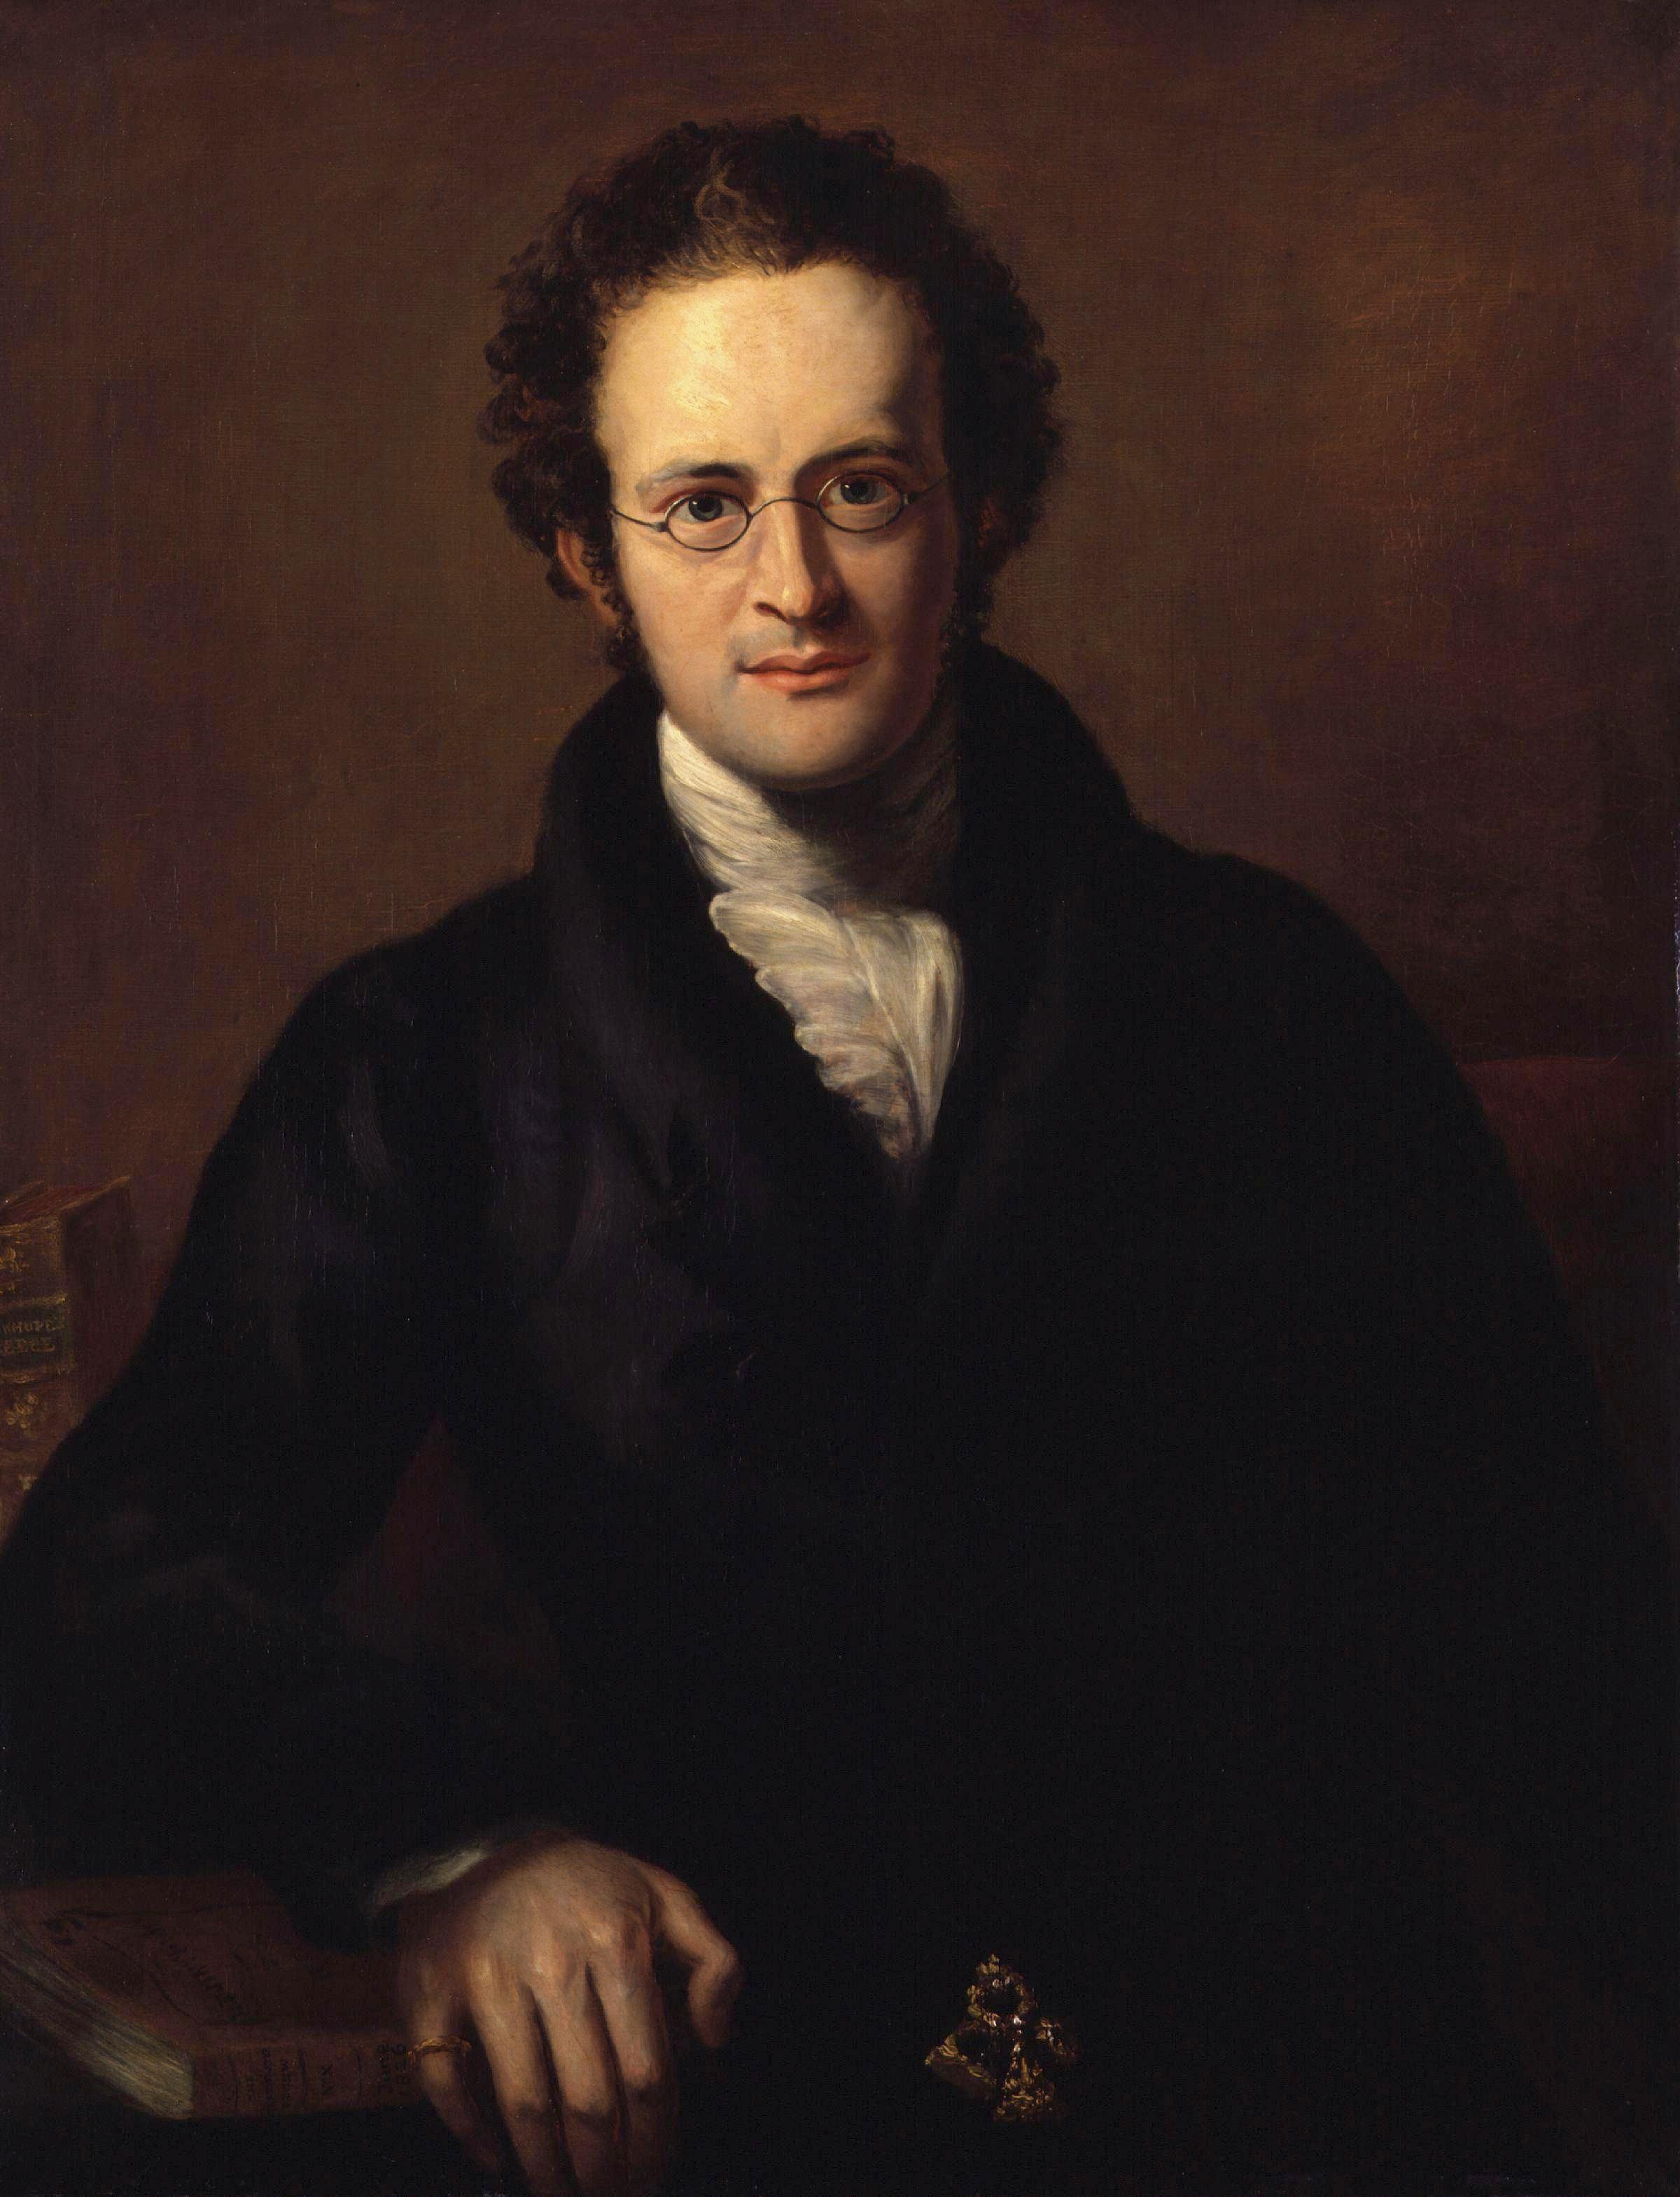 John Bowring in 1826